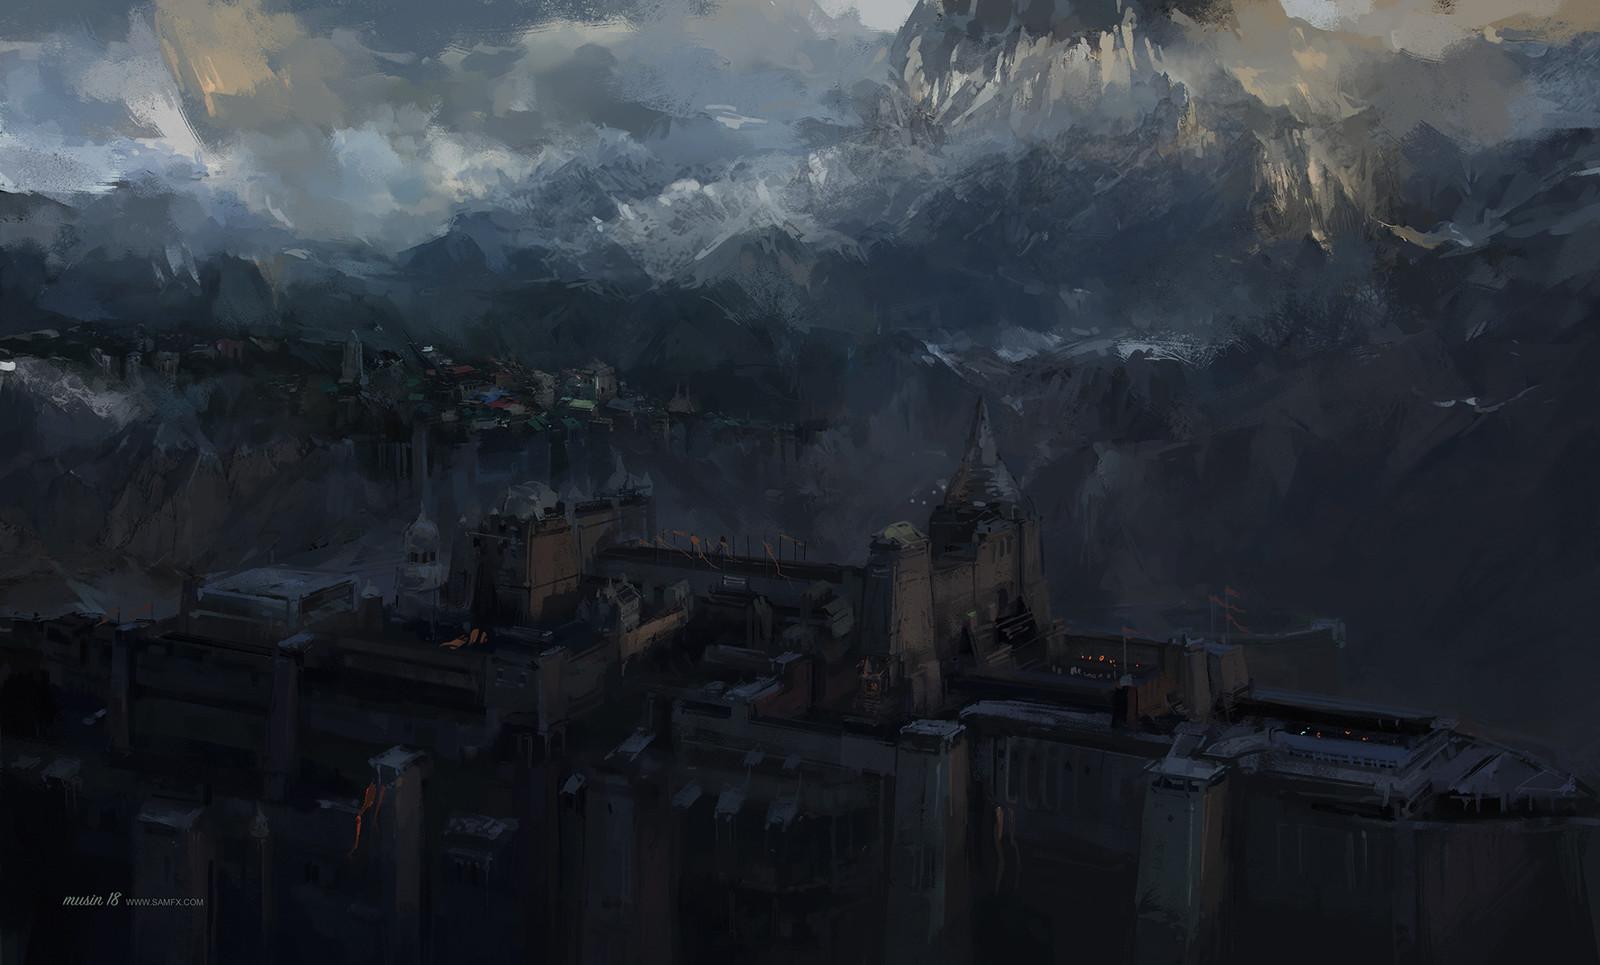 Himalayan City